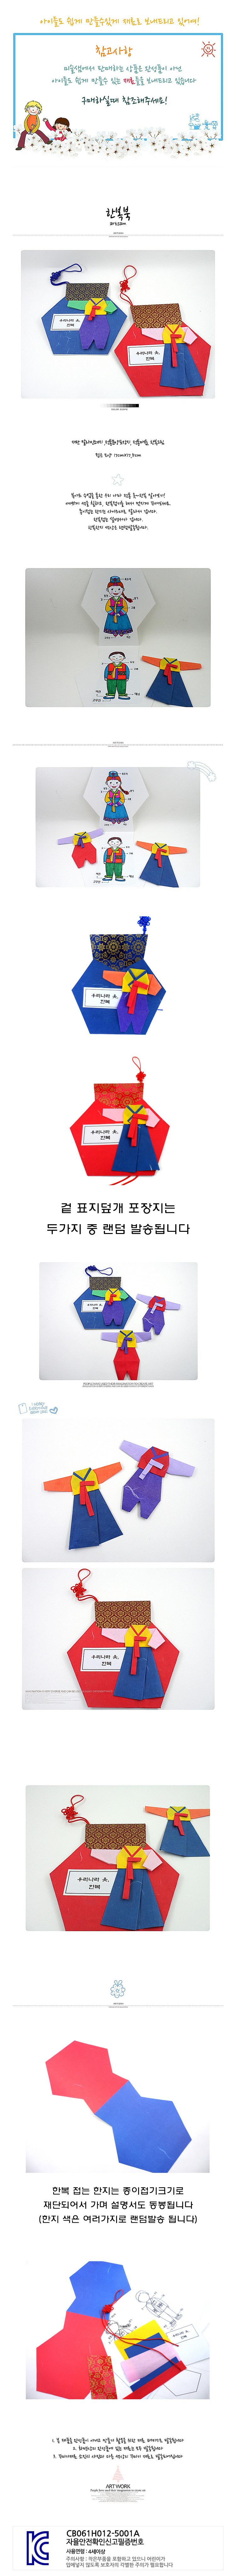 북아트 우리옷한복 5인용 - 미술샘, 7,000원, 종이공예/북아트, 북아트 패키지